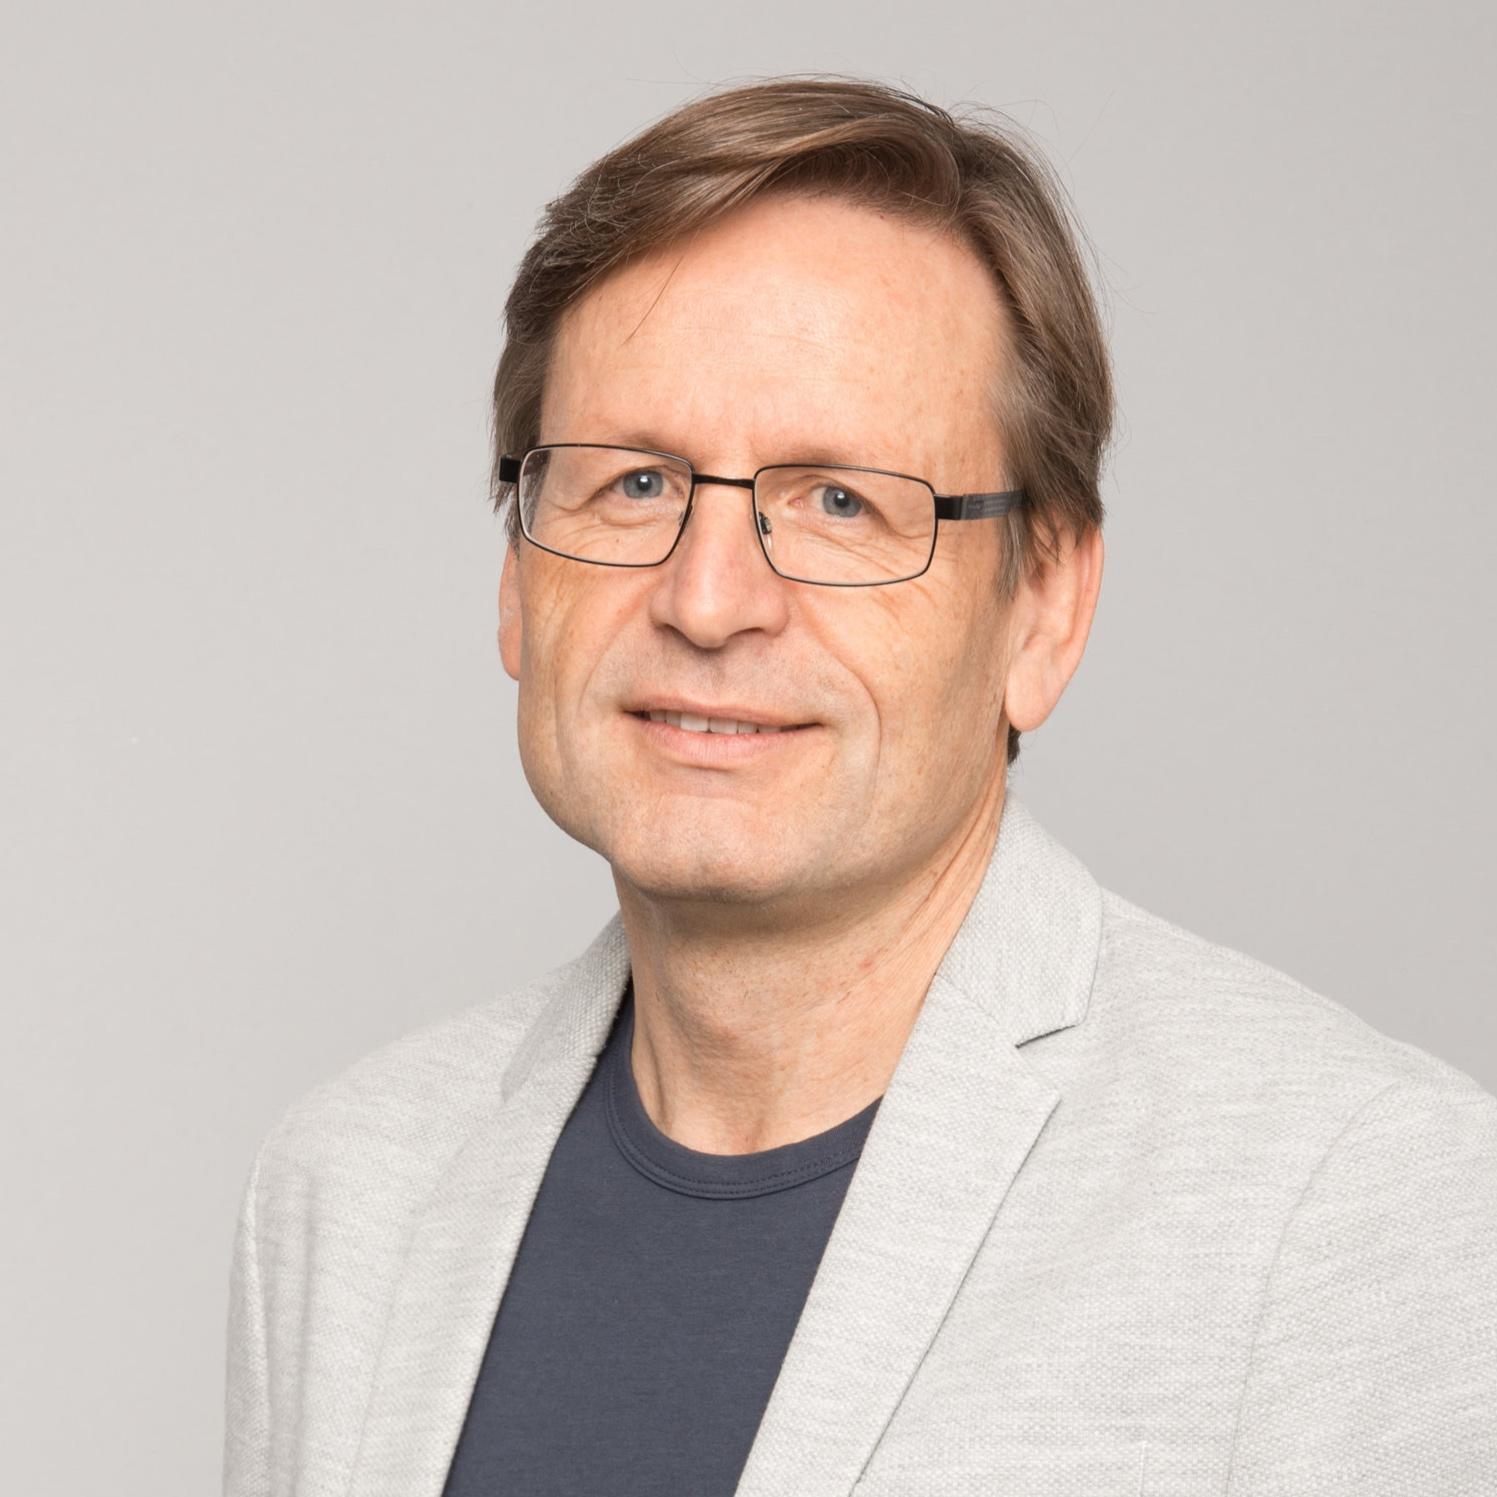 Helmut+Kuhn.jpg